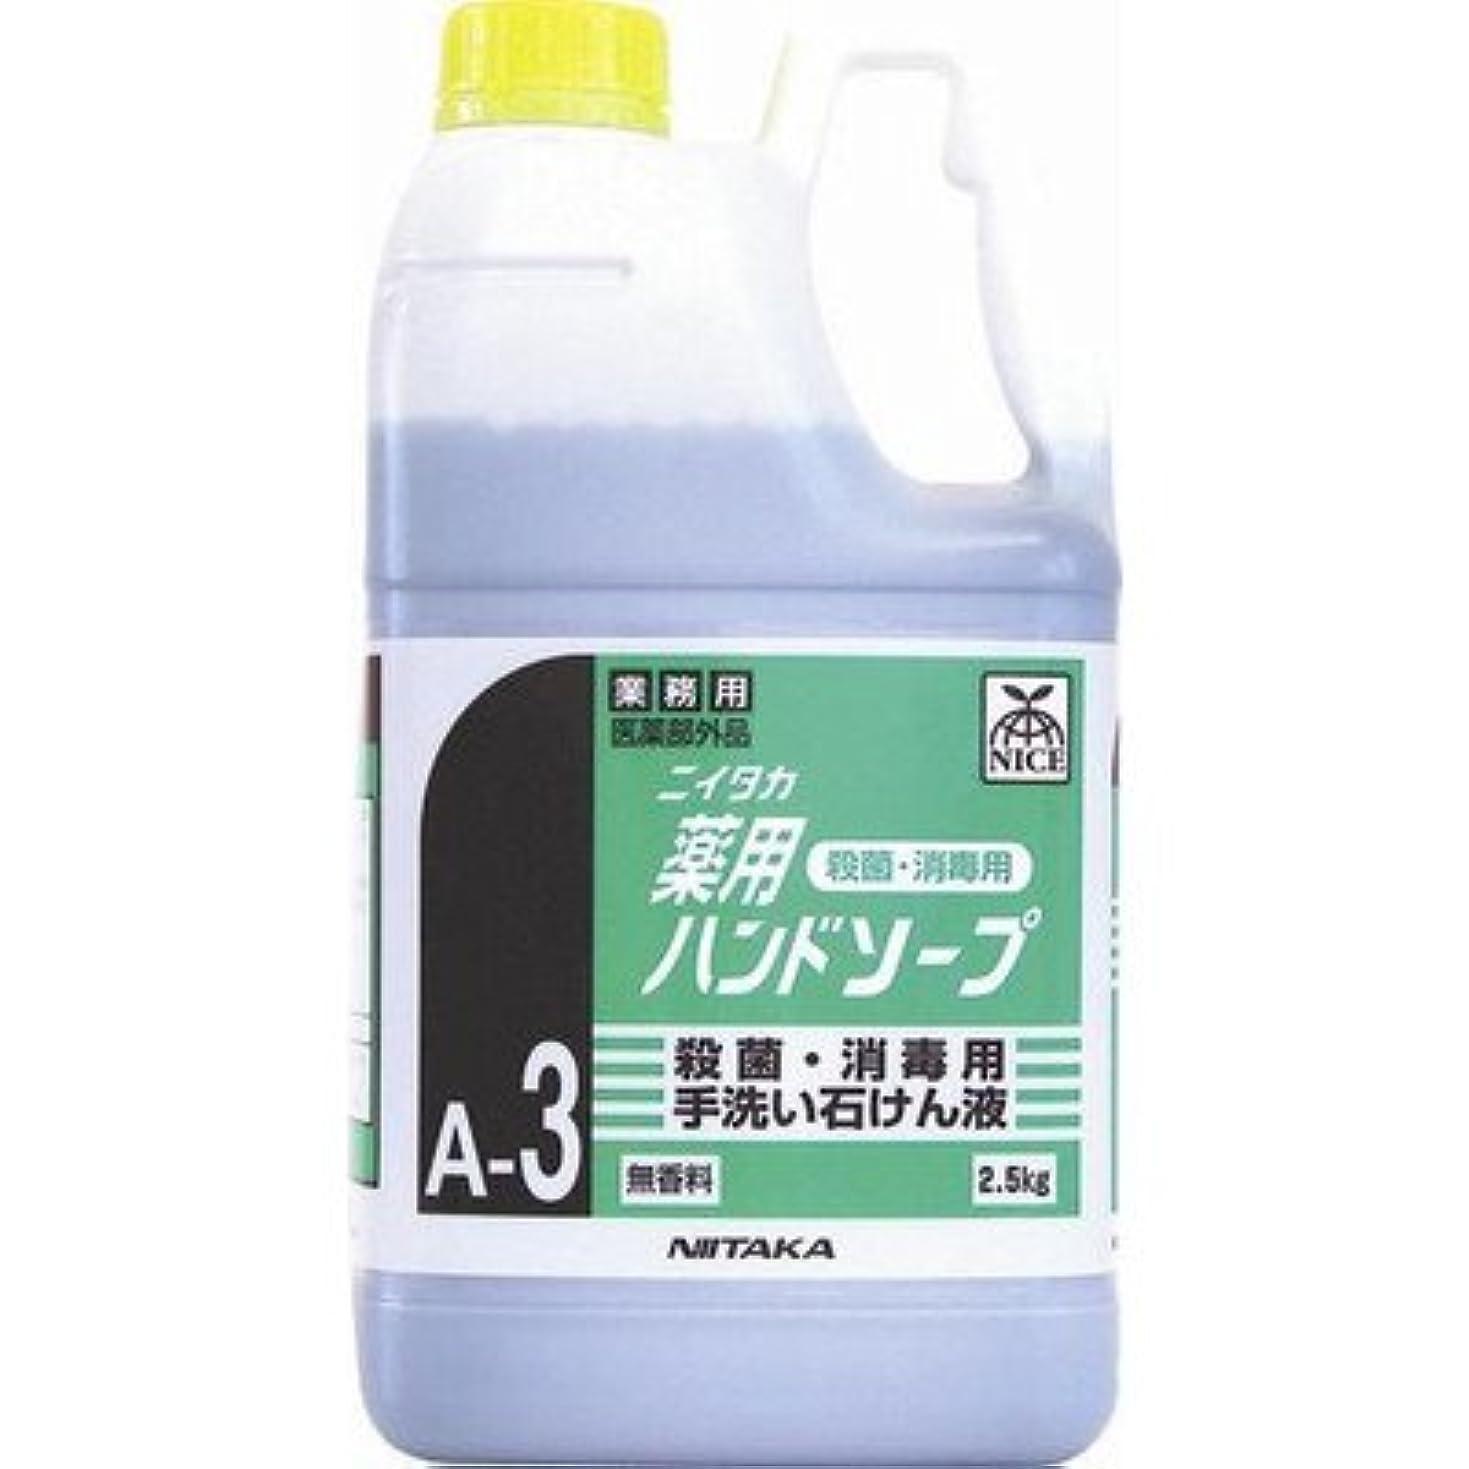 引き潮海港申し立てるニイタカ 業務用手洗い石けん液 薬用ハンドソープ(A-3) 2.5kg×6本